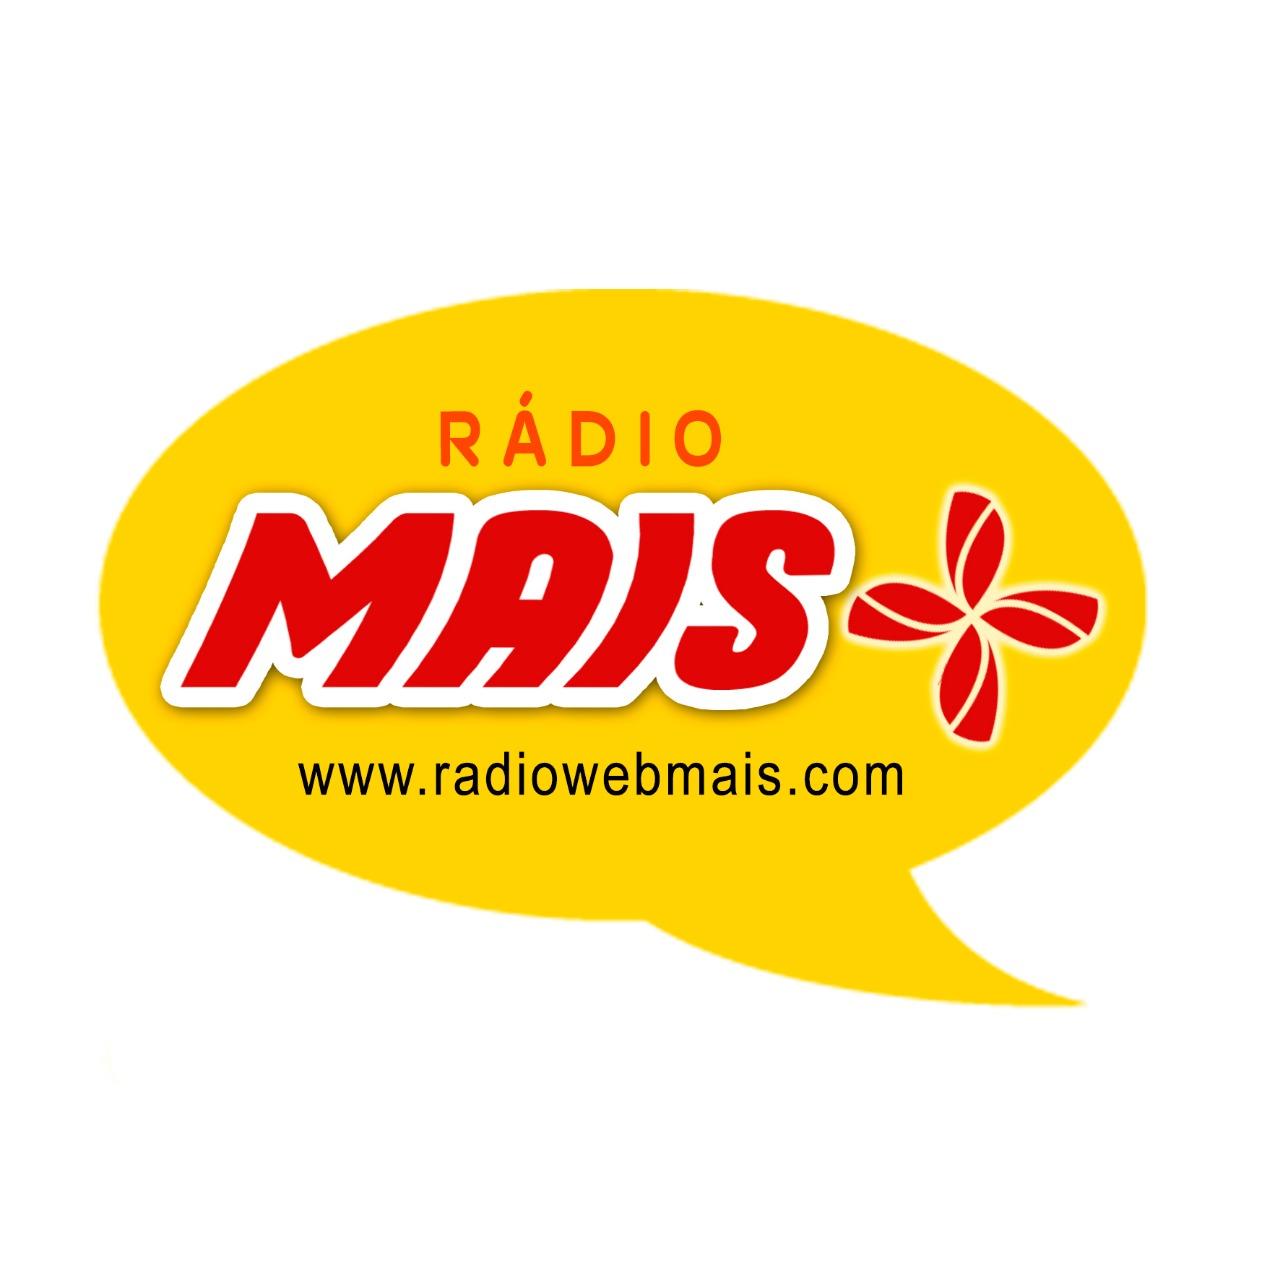 bb59ce39a66 RádioMais online é inaugurada em Laje do Muriaé